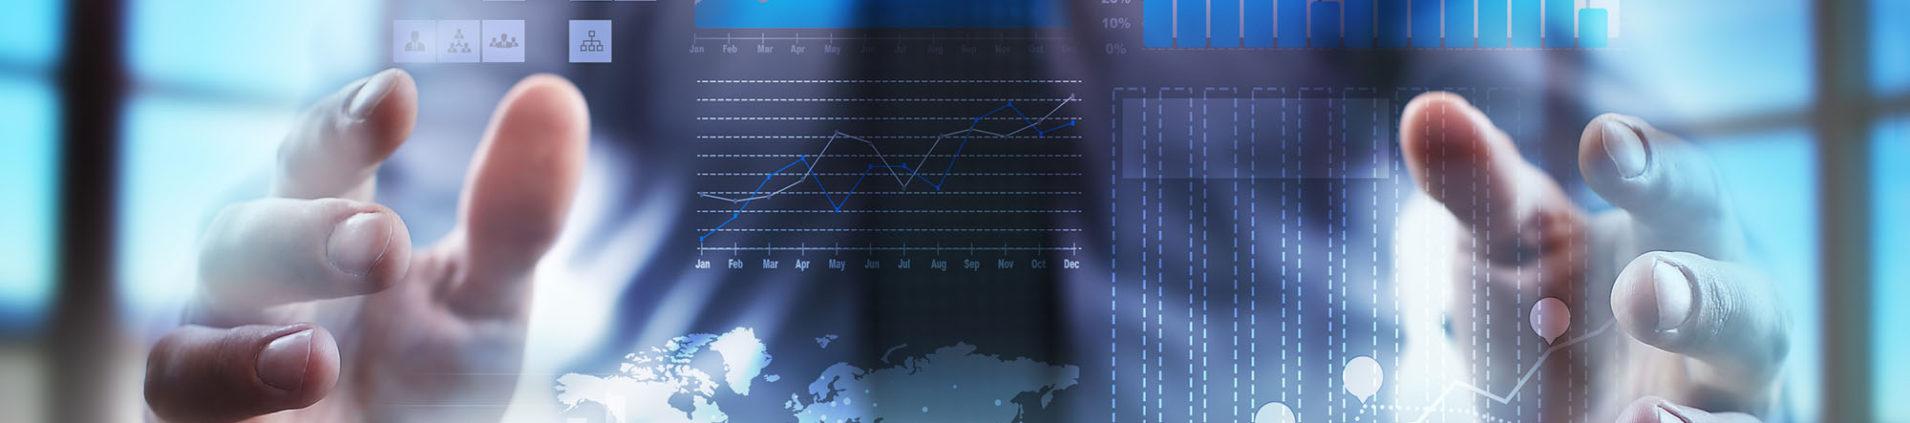 Analyse des indicateurs économiques